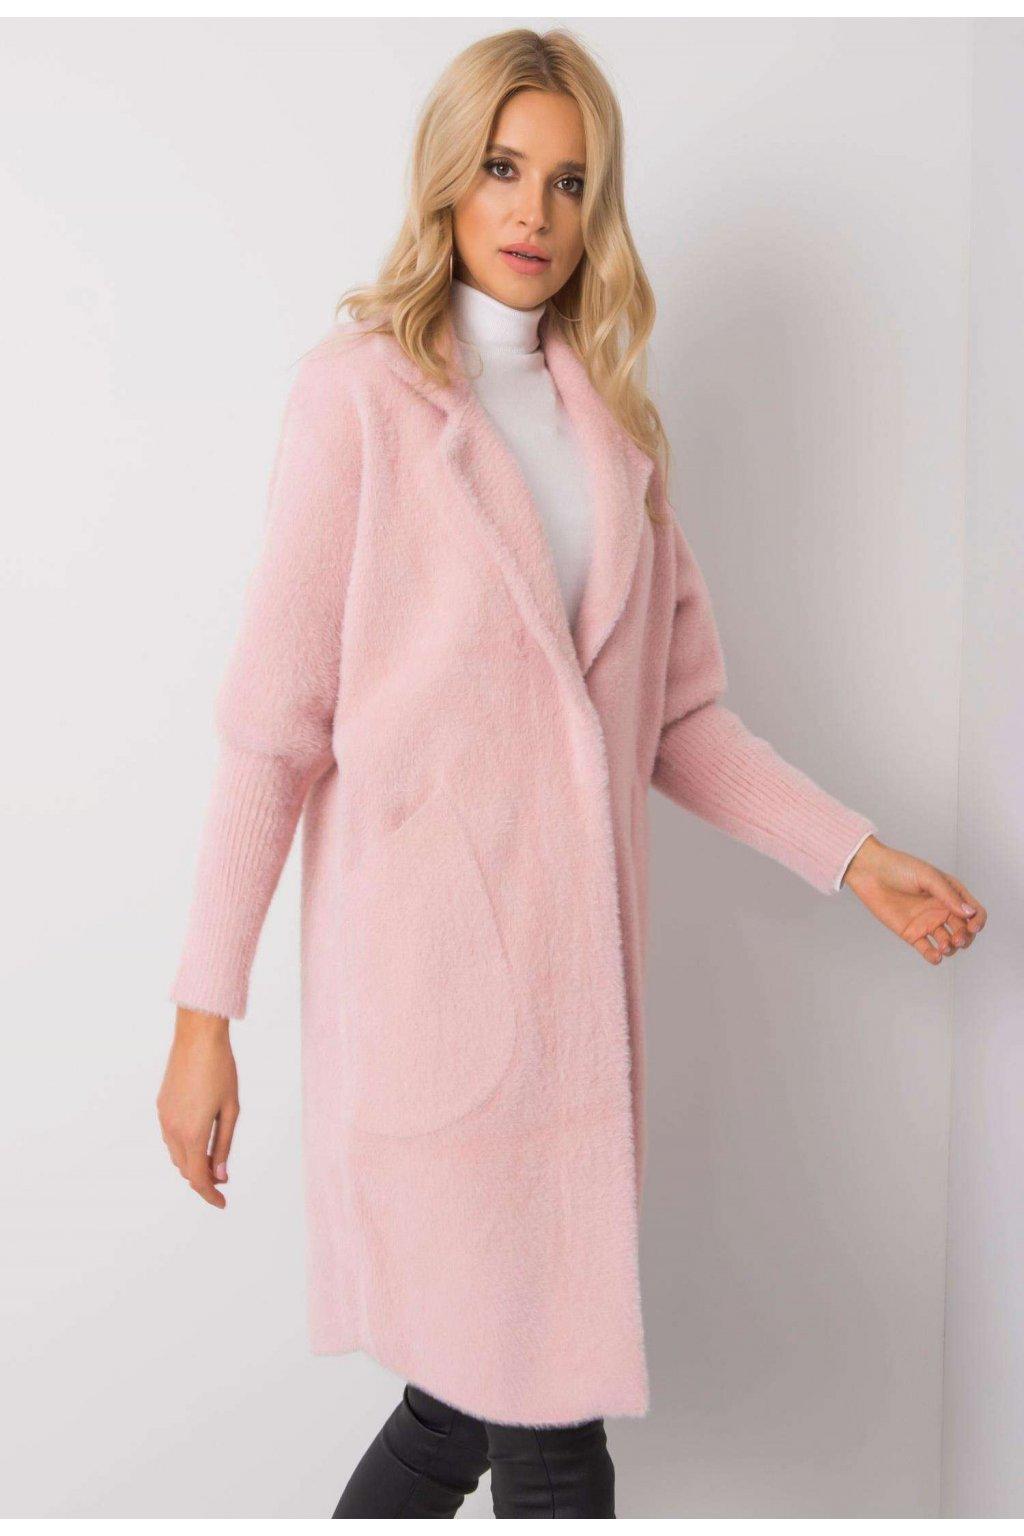 Růžový dámský kabát